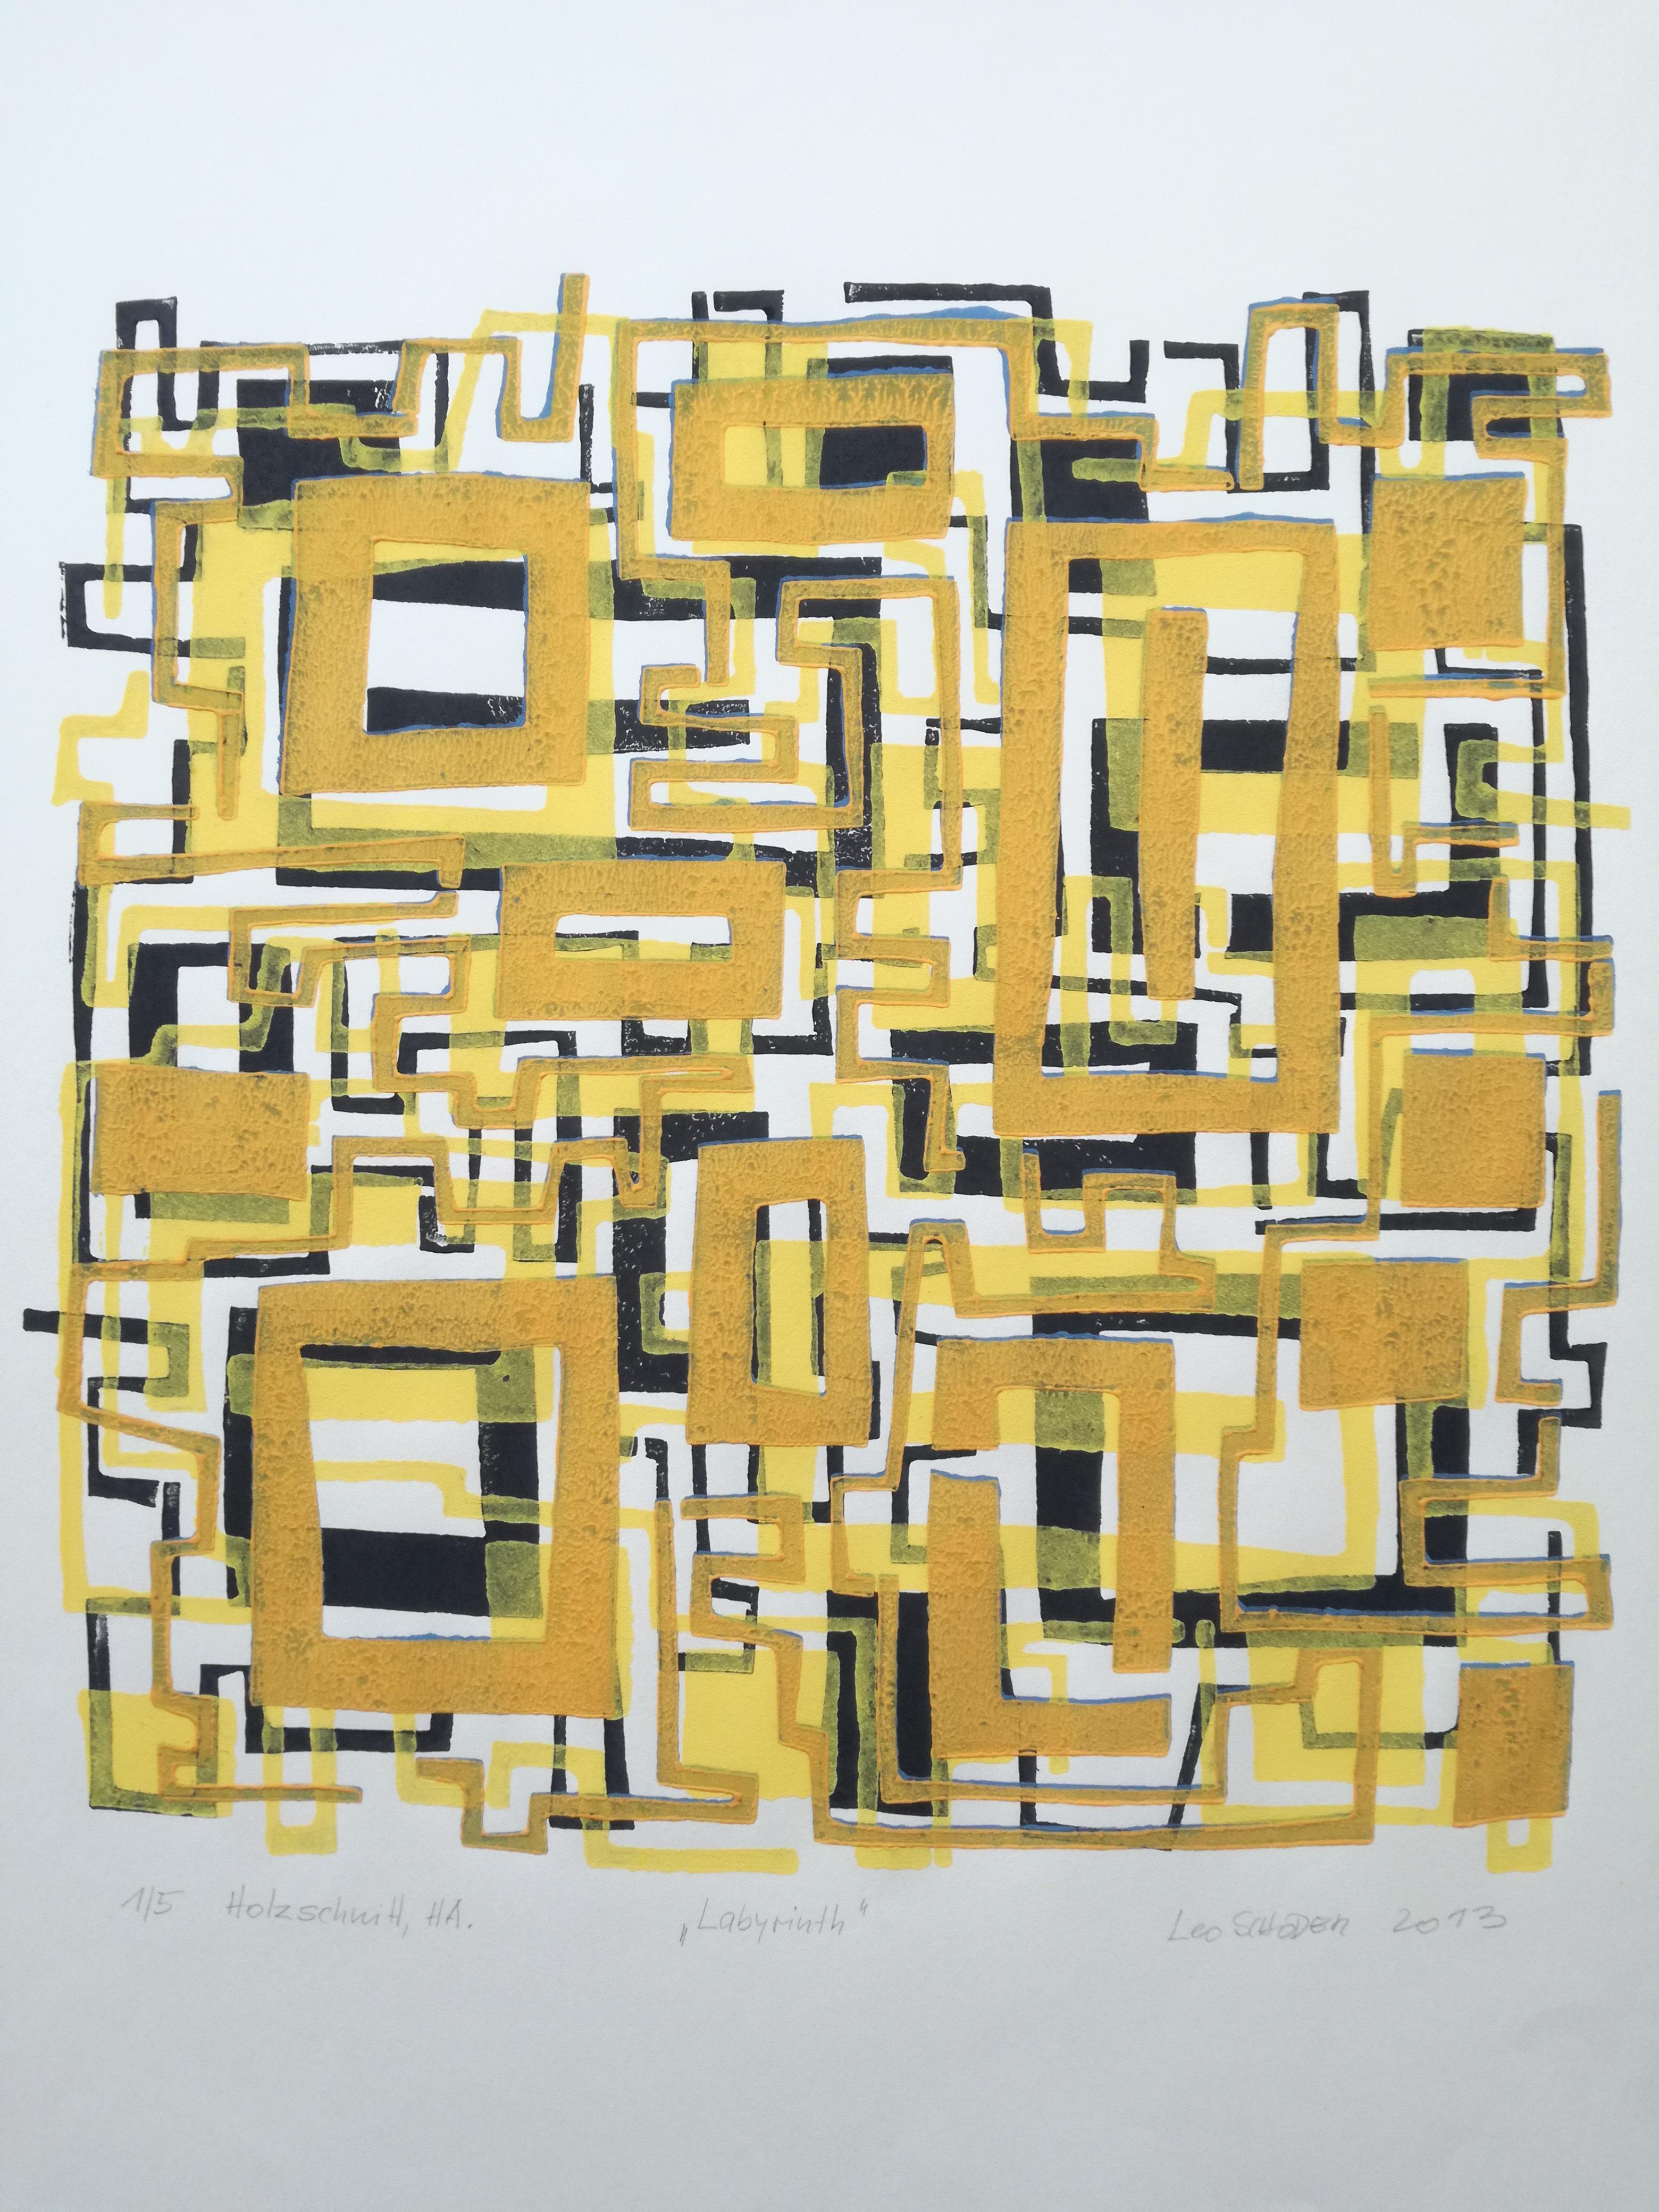 Leo Schoder Labyrinth I Holzschnitt